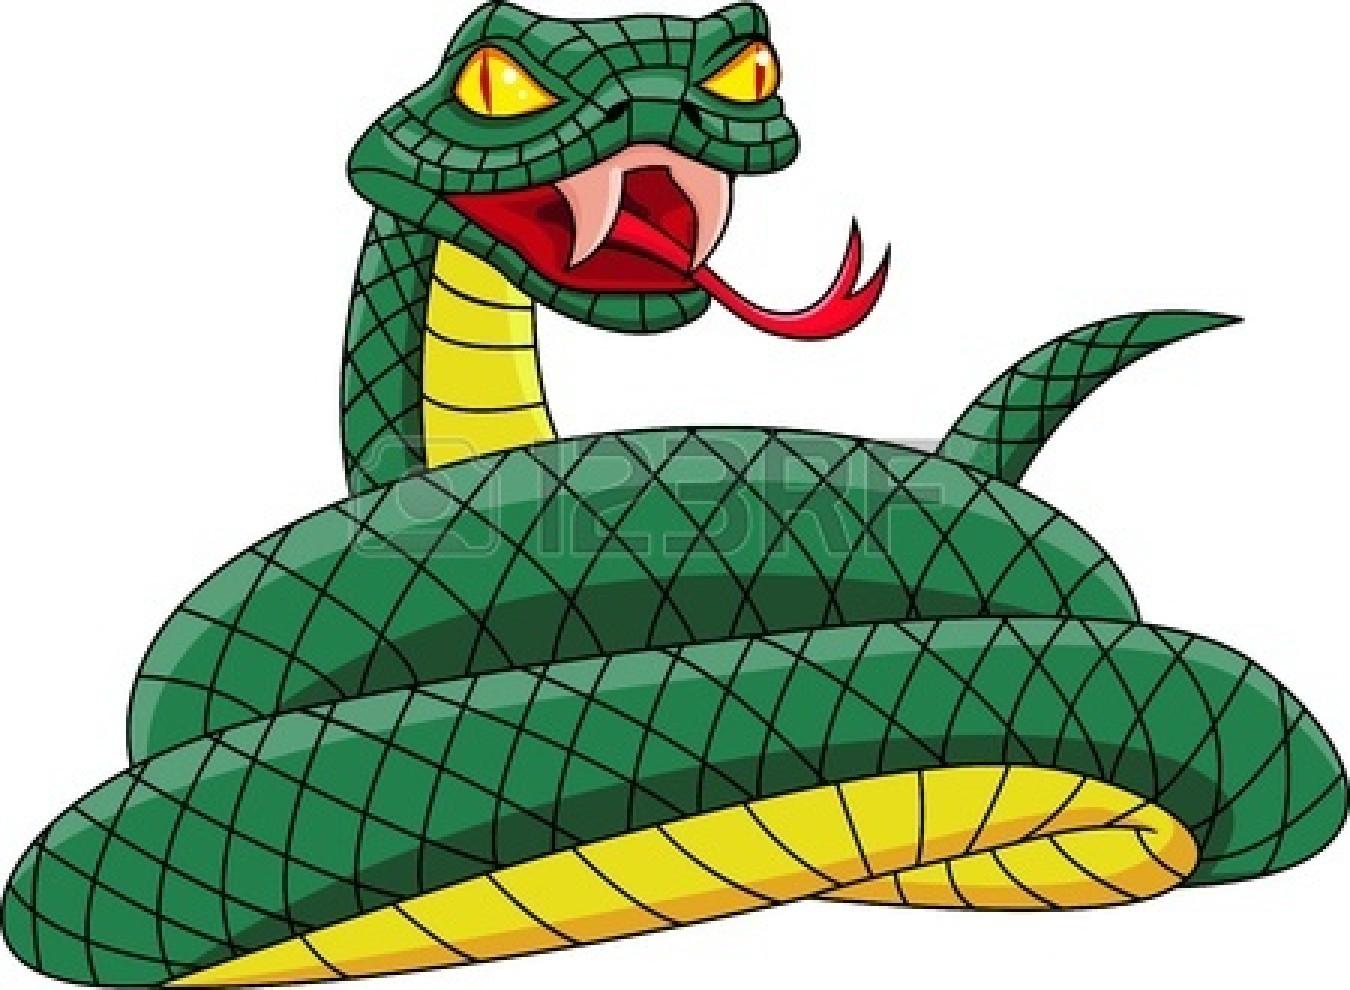 Rattlesnake clipart mean #4